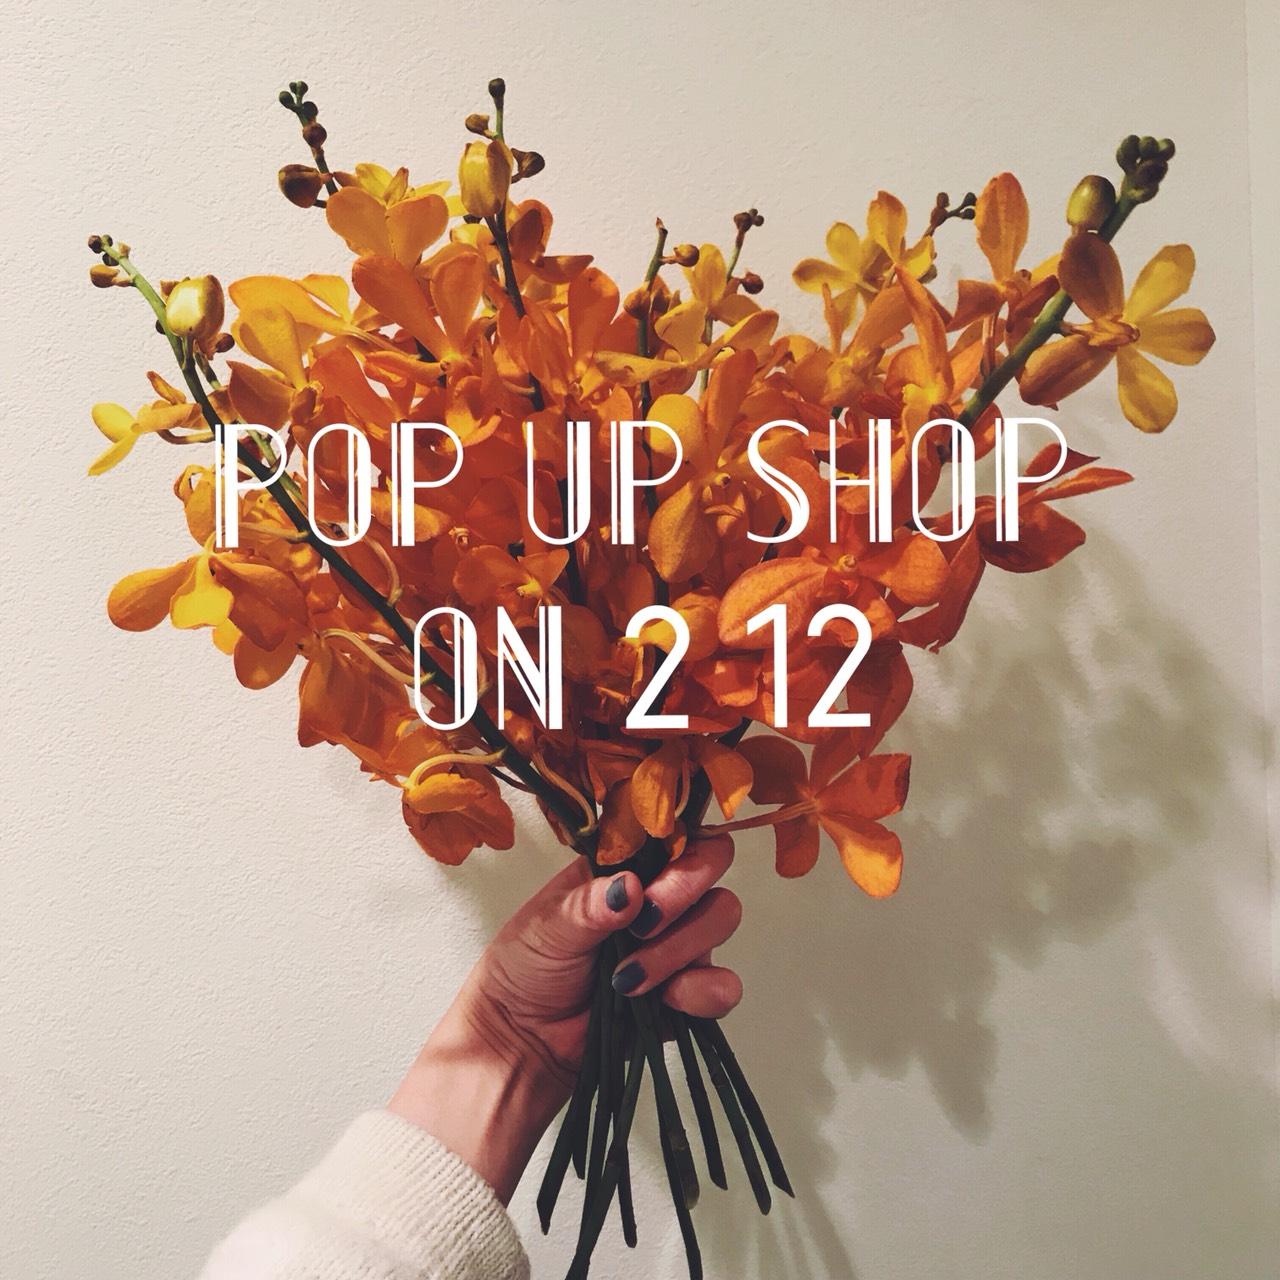 2/12に、1日限定のPOP UP SHOPを開催します。50%OFFの商品多数!